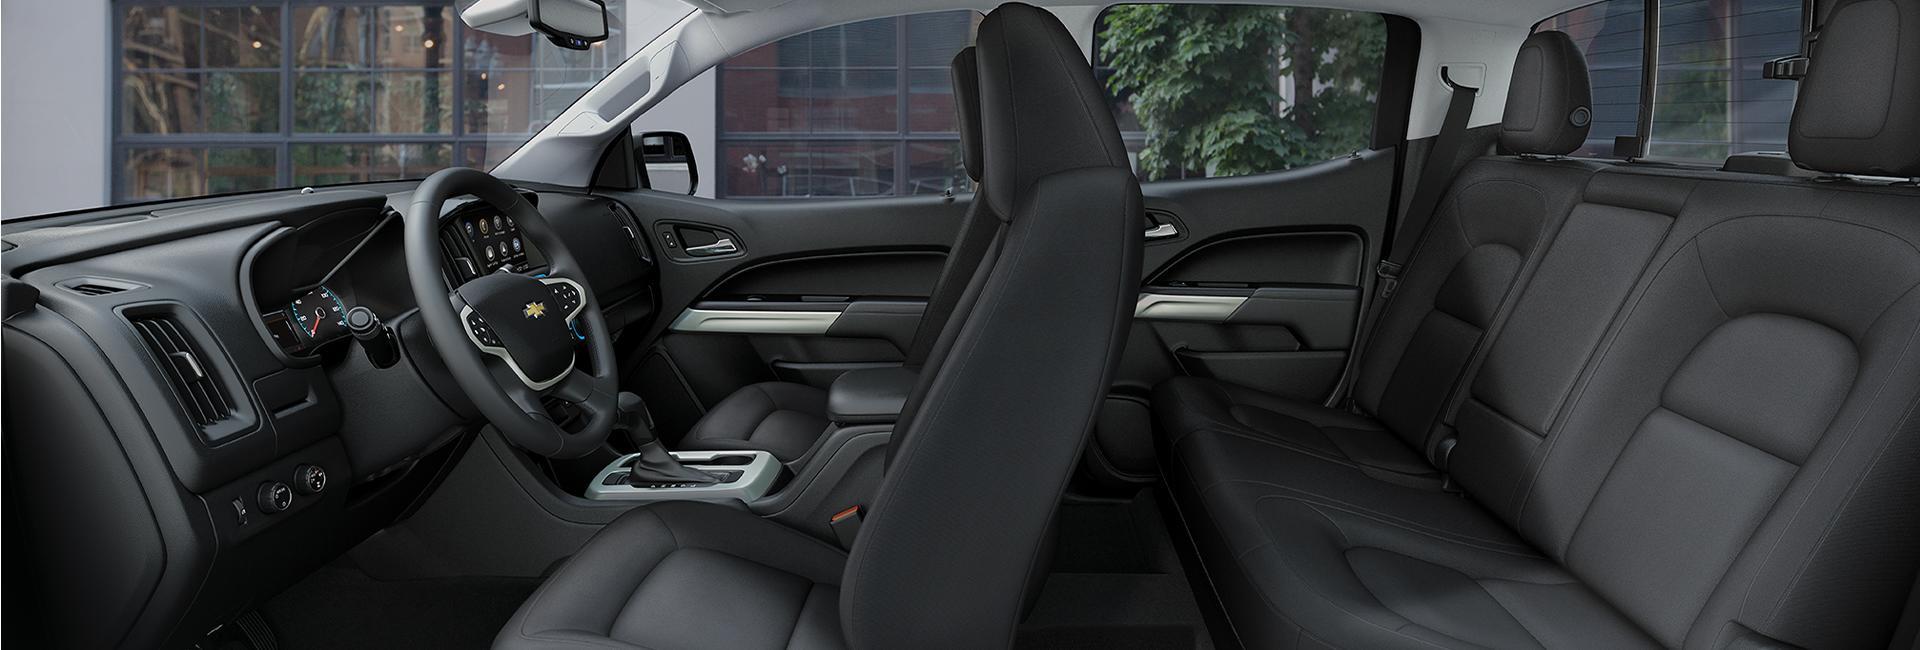 Interior image of the 2020 Chevy Colorado